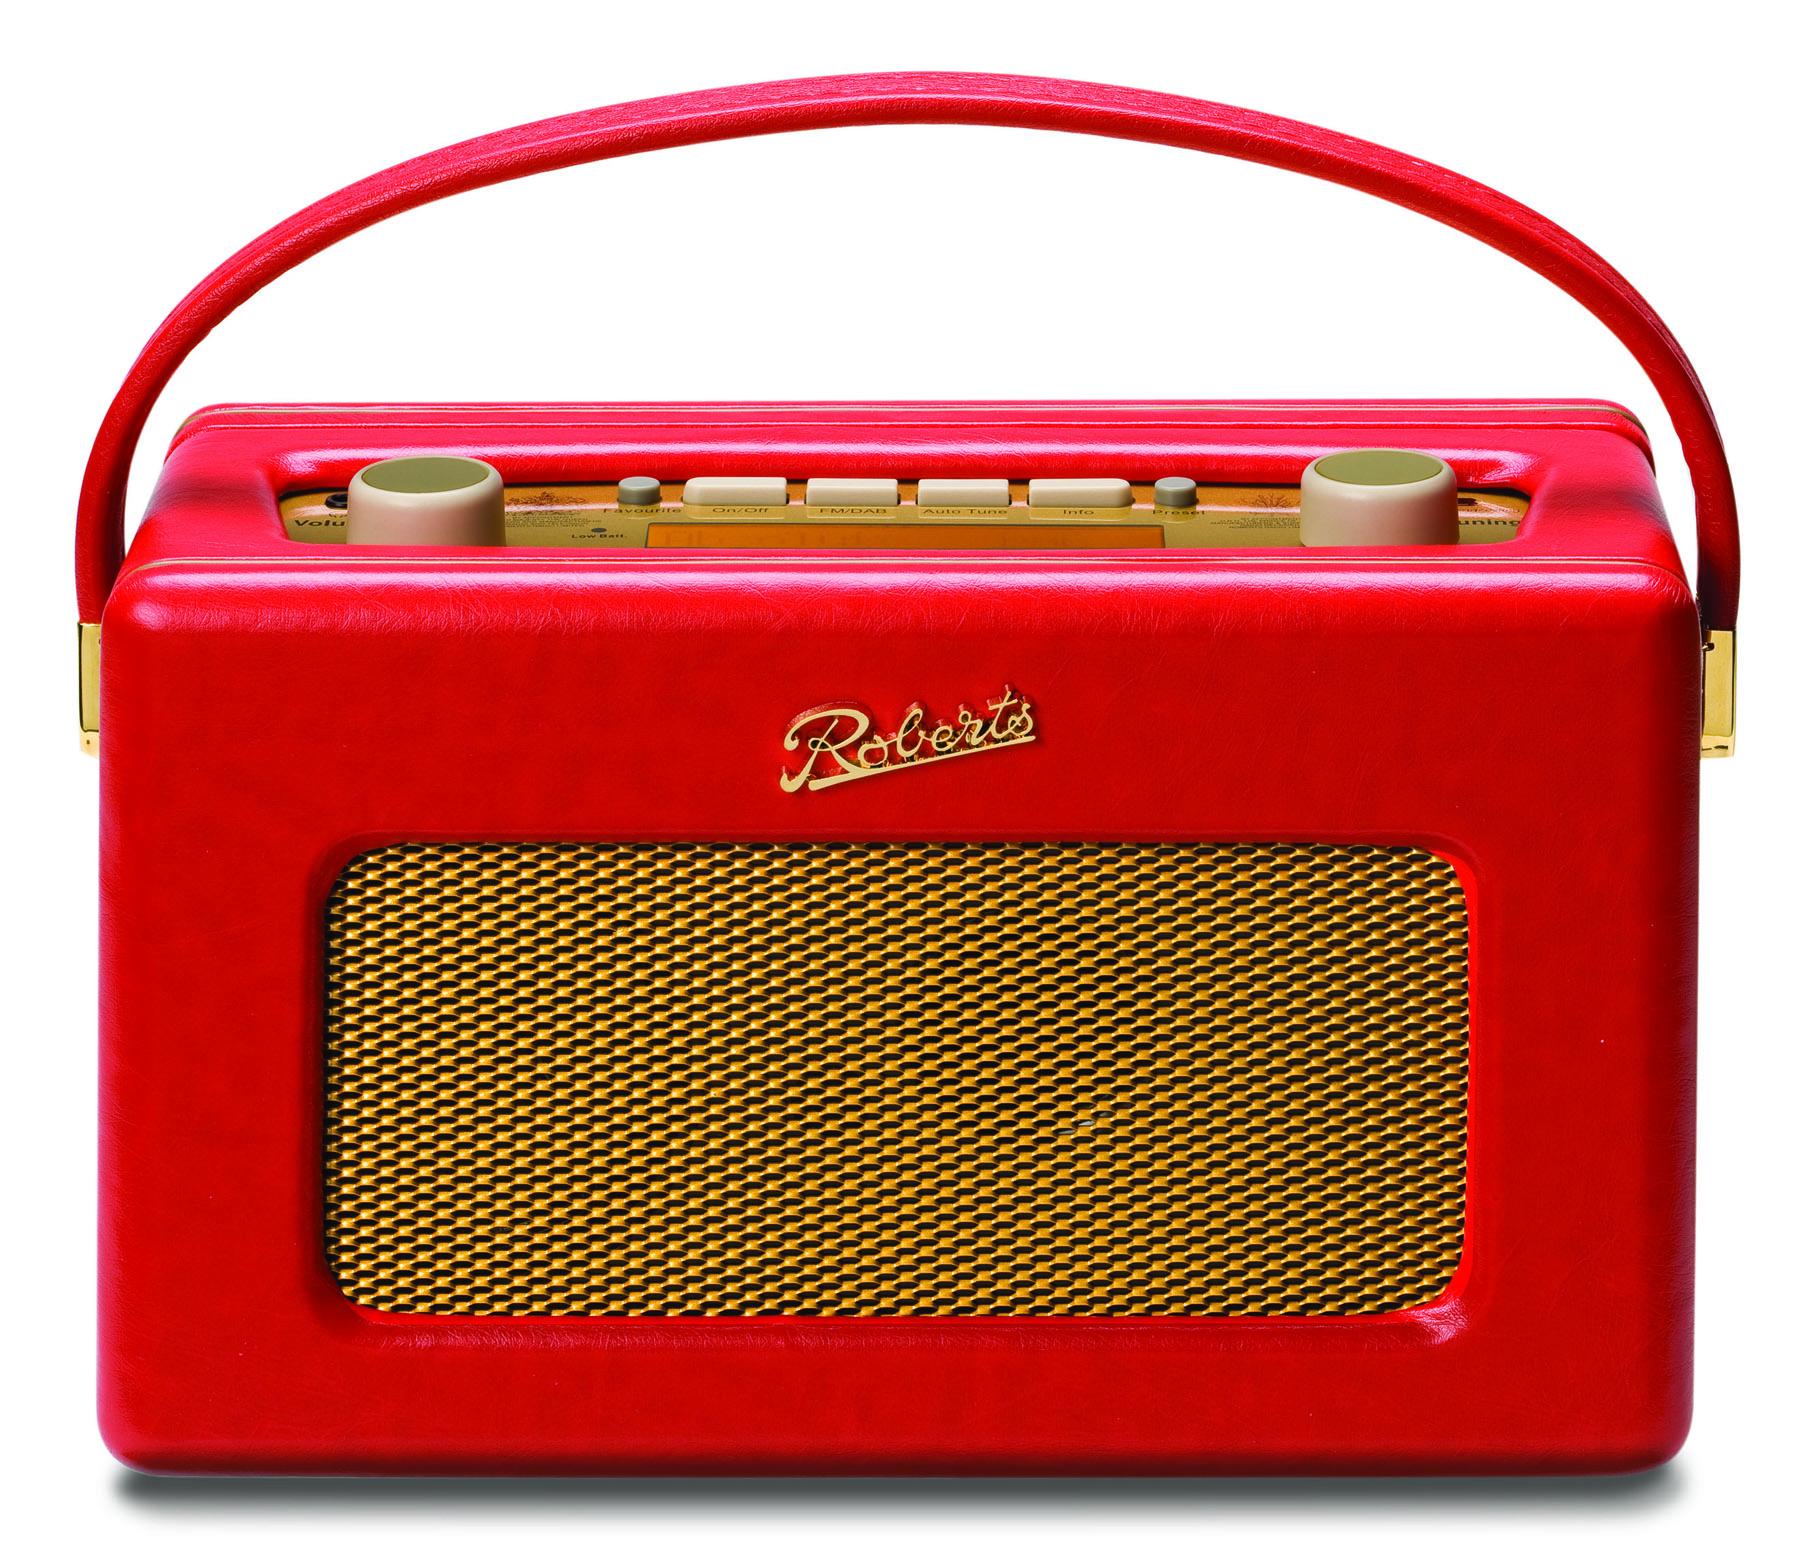 Roberts Radio Revival RD60 FM/ DAB/ DAB+ Red (130-313012)